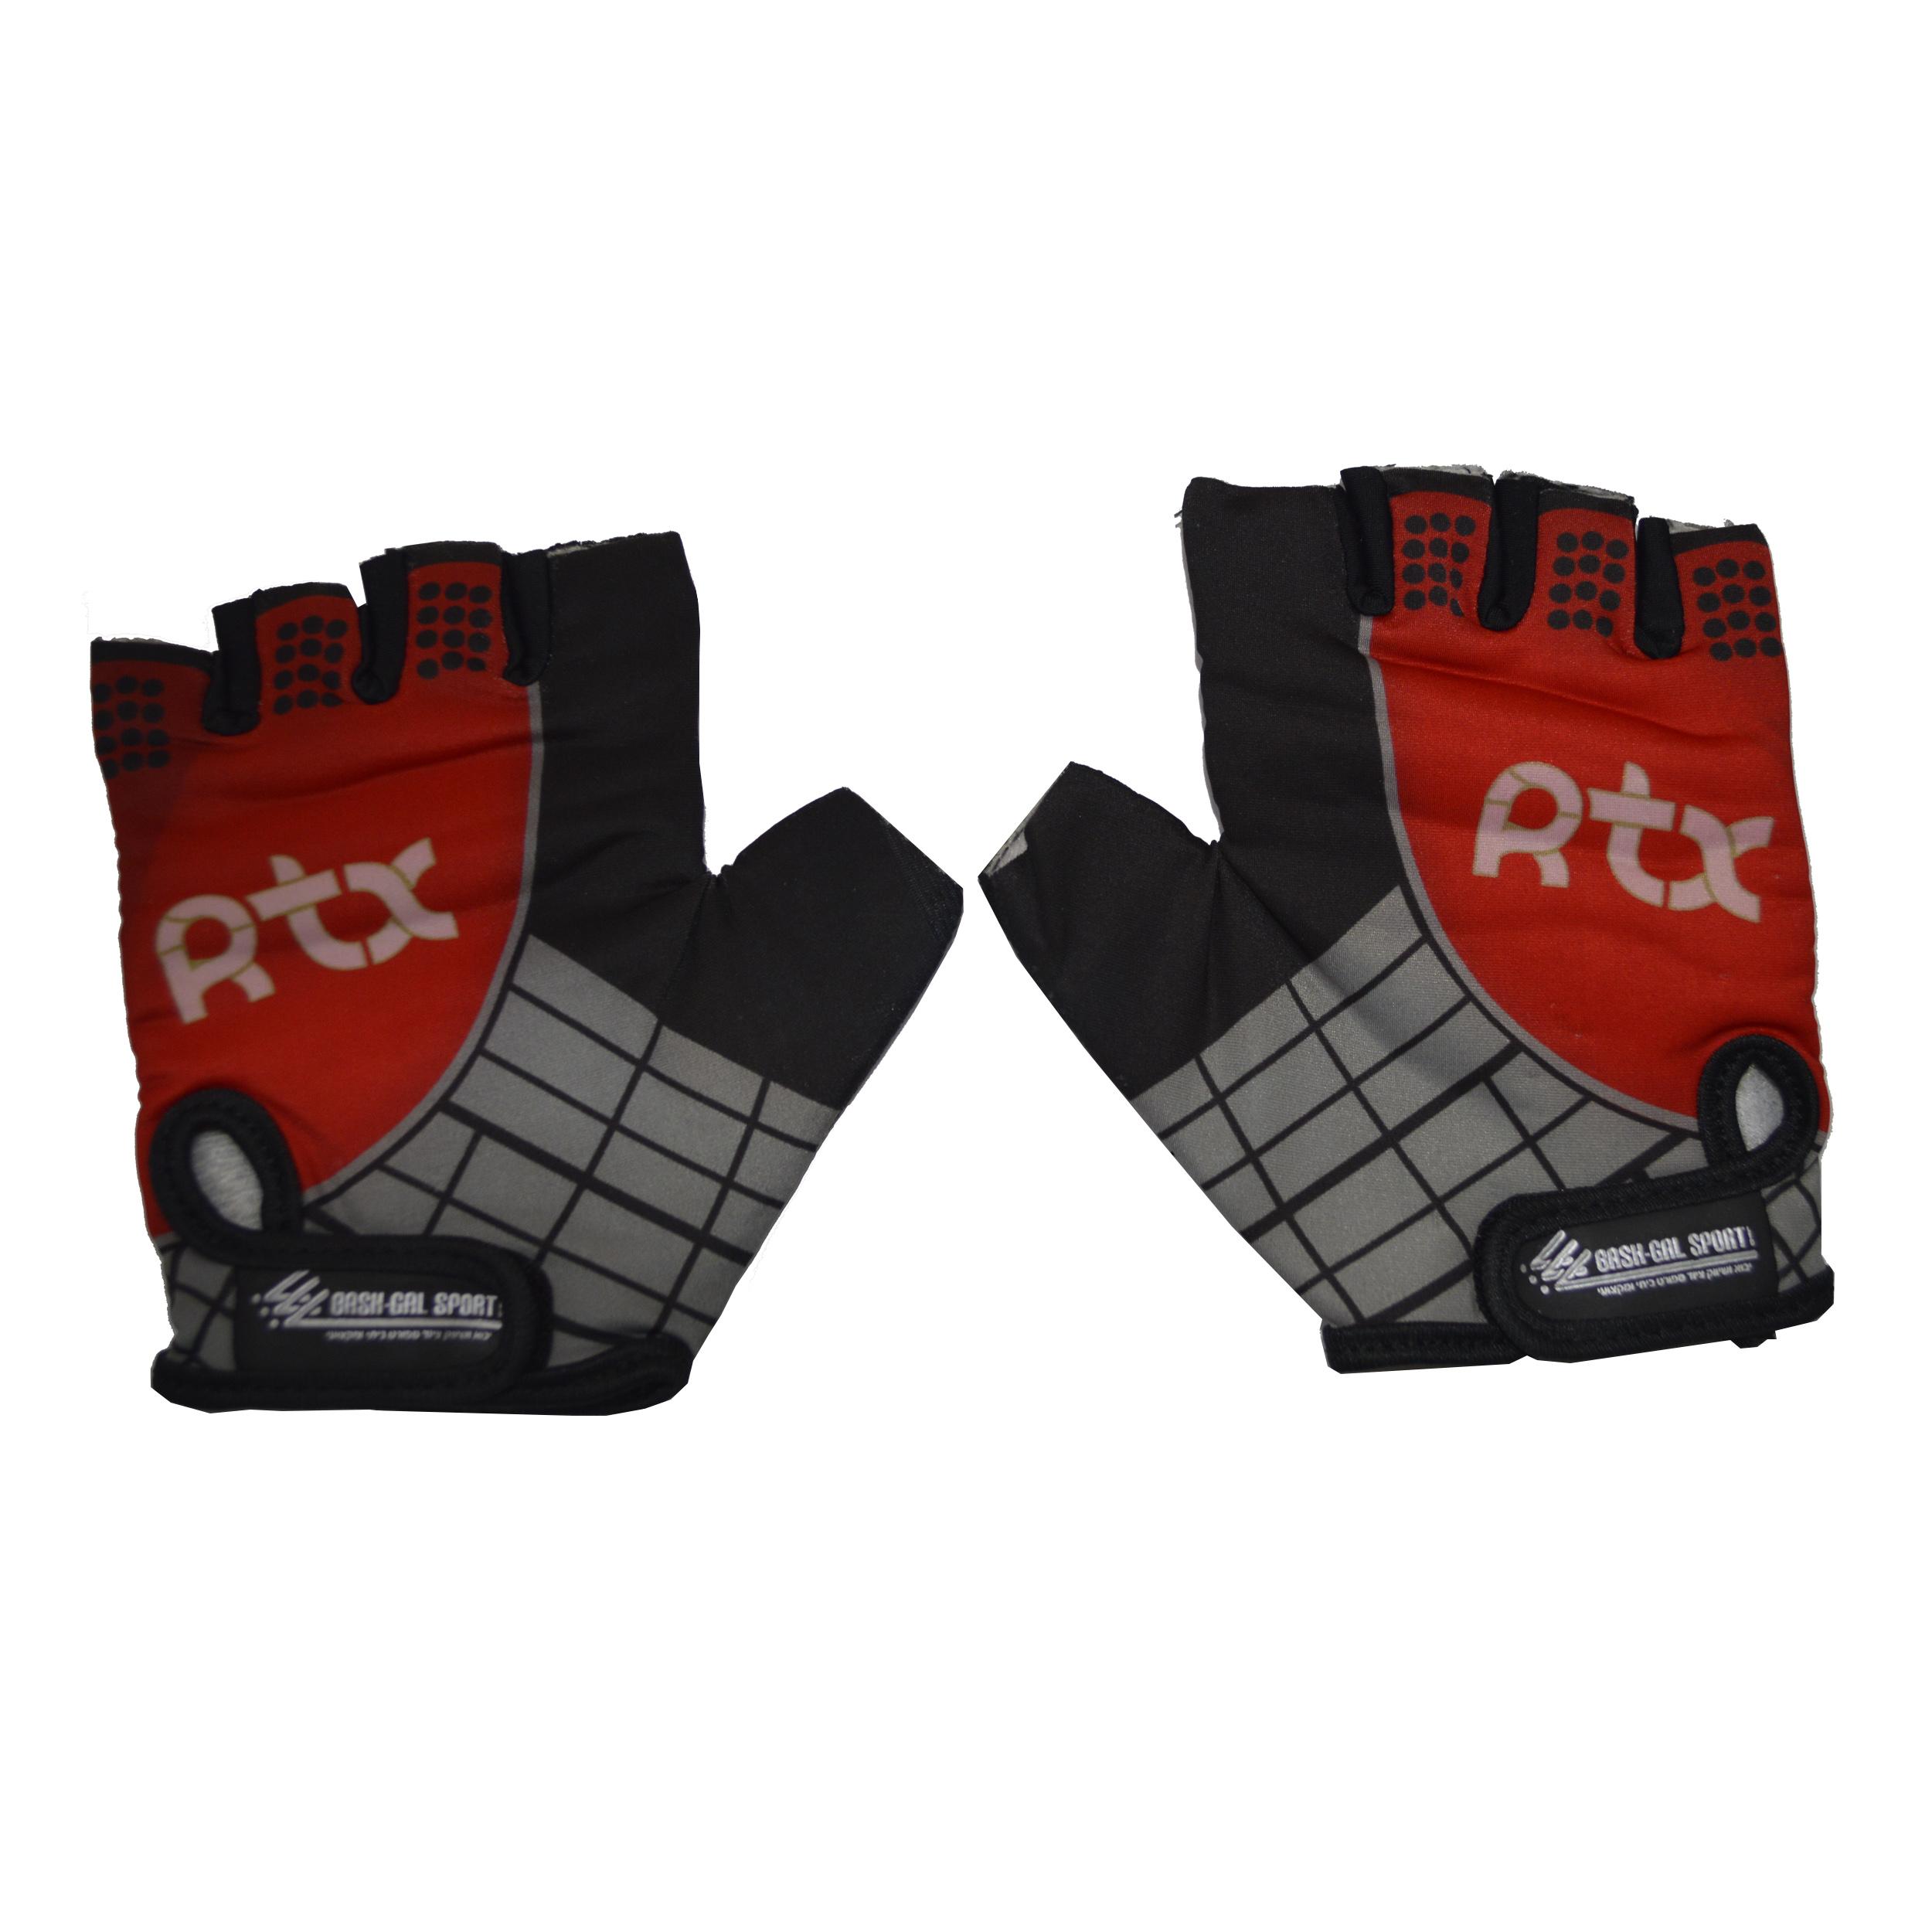 دستکش دوچرخه سواری آر تی ایکس مدل R2X بسته 2 عددی